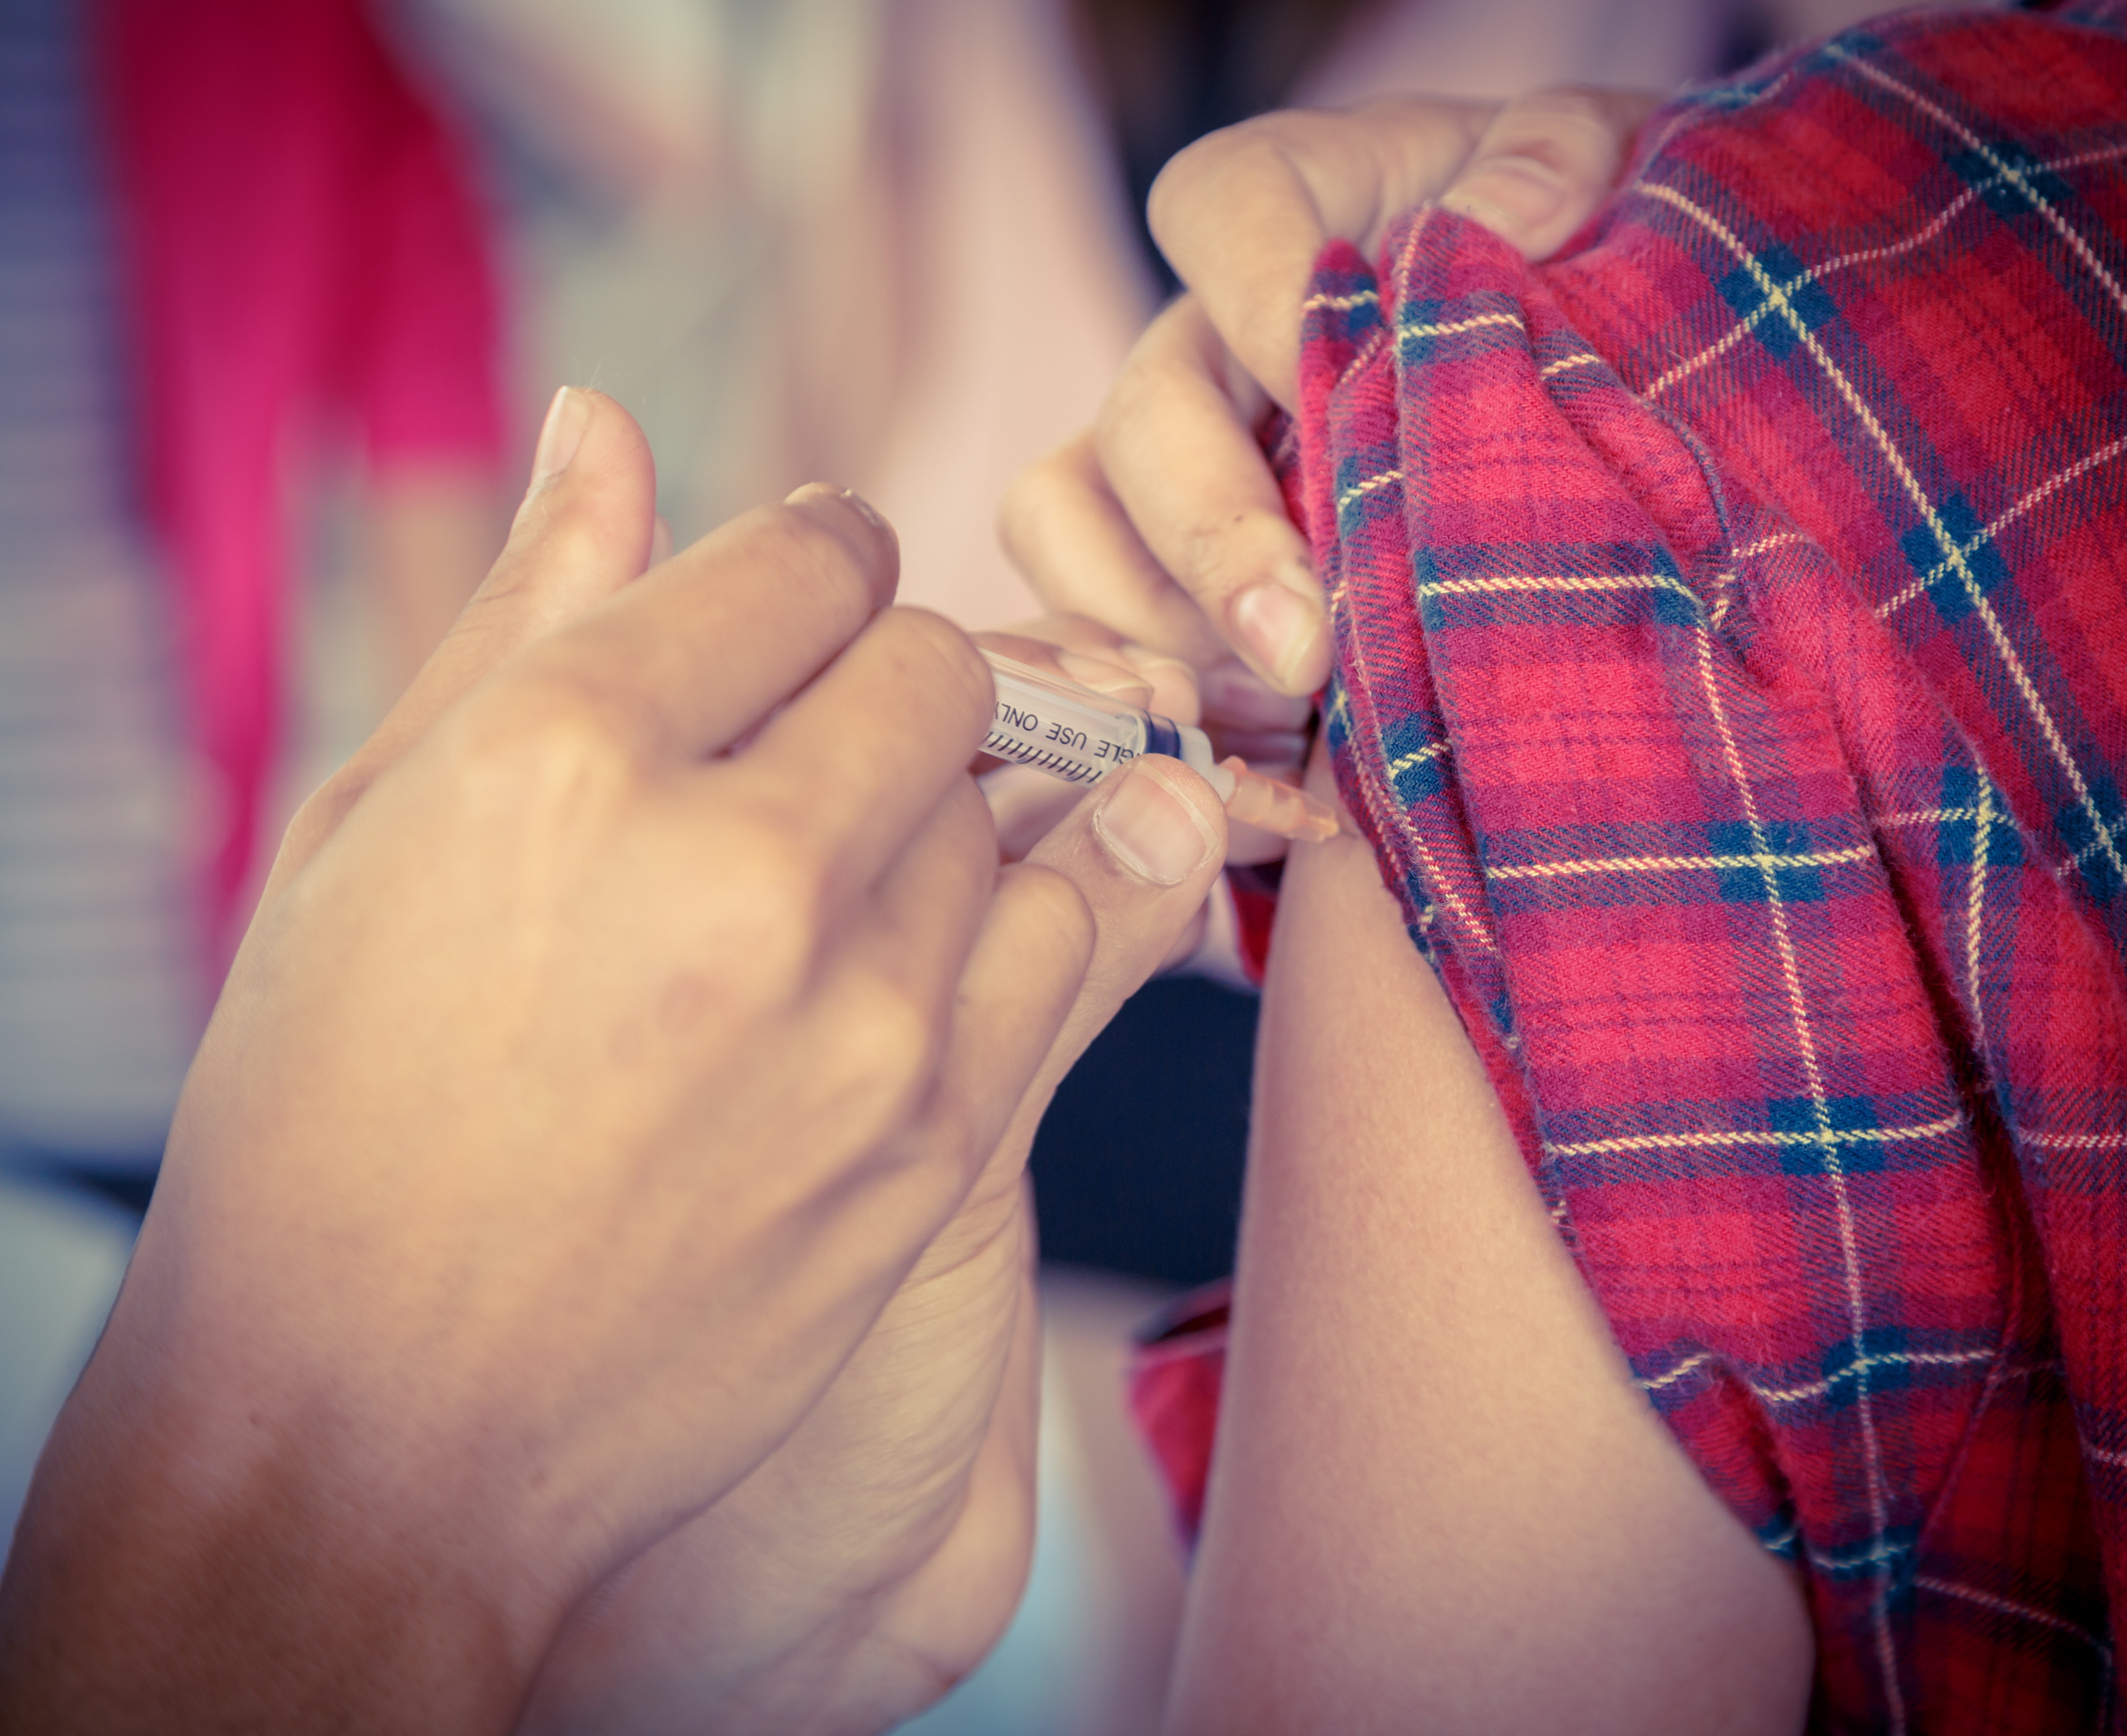 Klamydiabakteriens förmåga att förändras har lett till att det först nu har kommit ett vaccin som man tror kan komma att fungera.